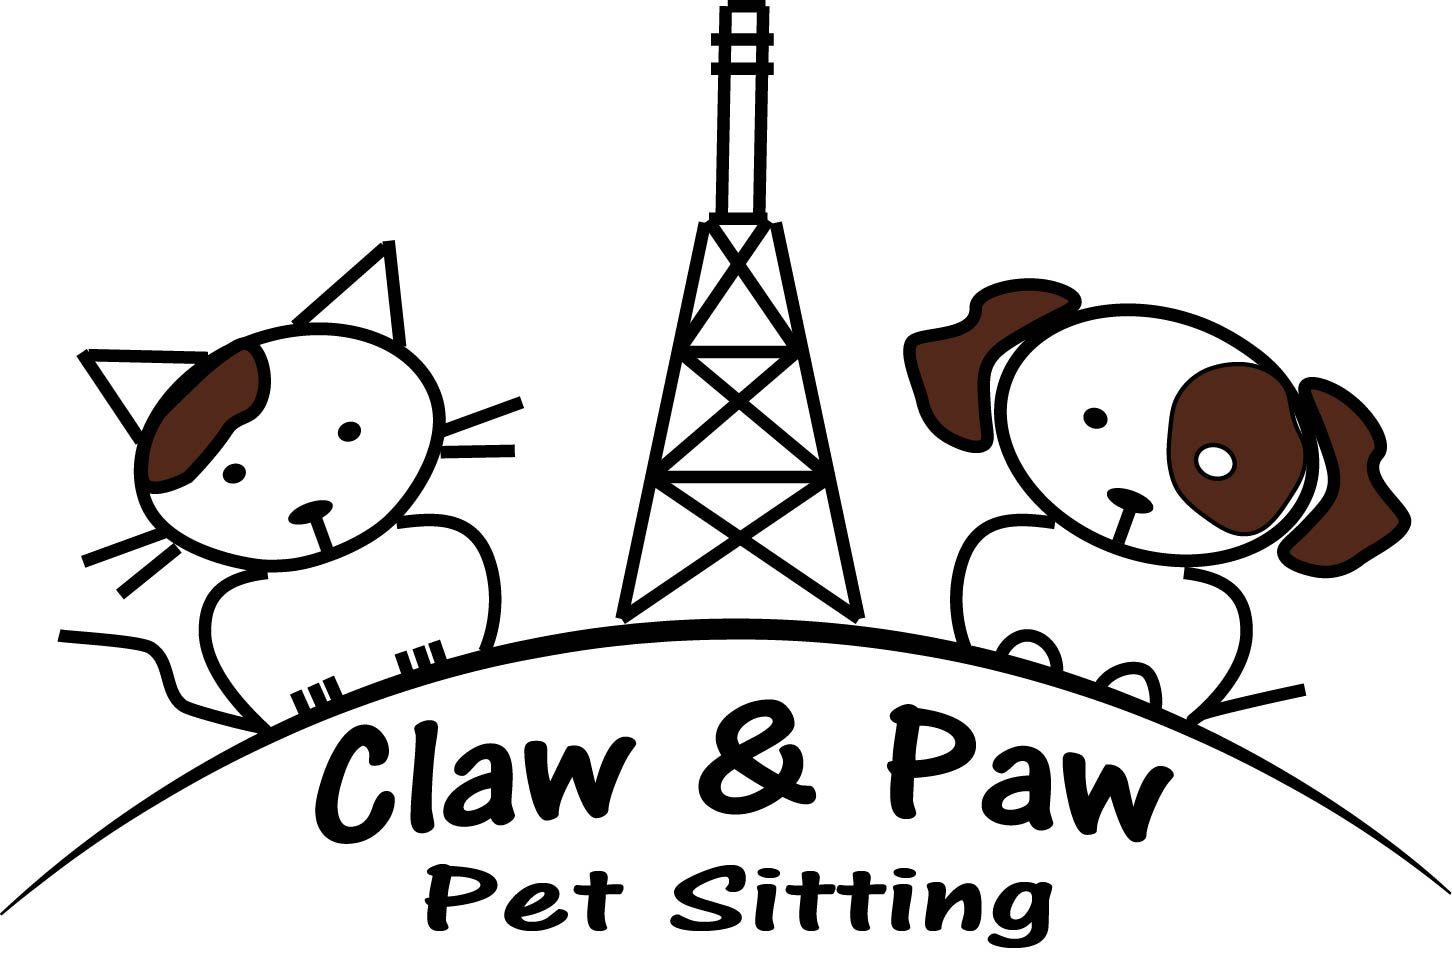 Claw & Paw